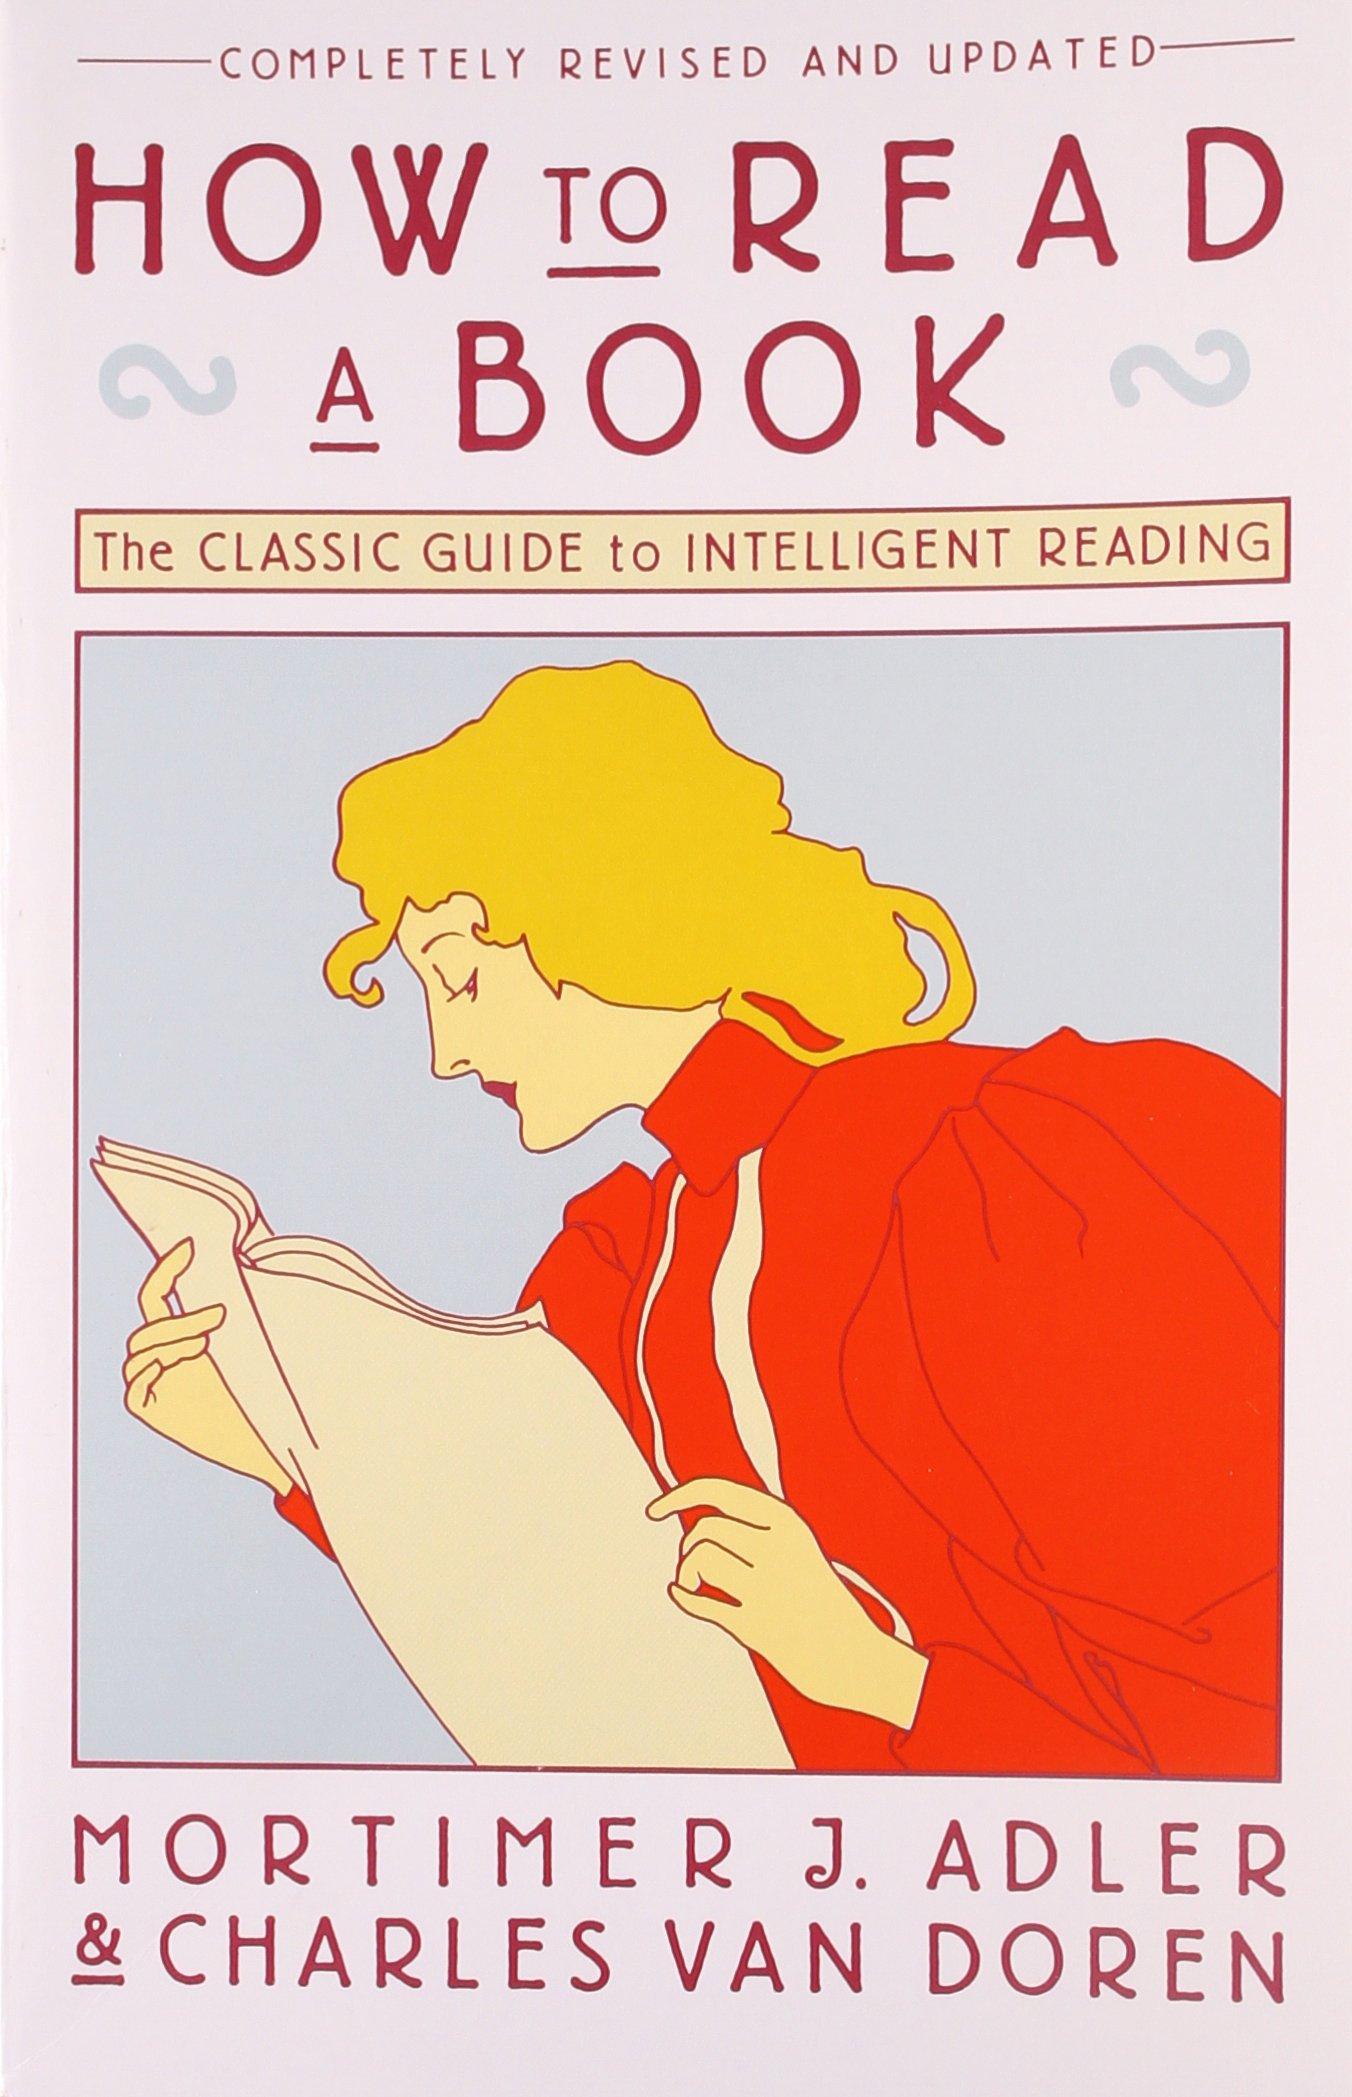 Post-SecretShelf-howtoreadabook.jpg